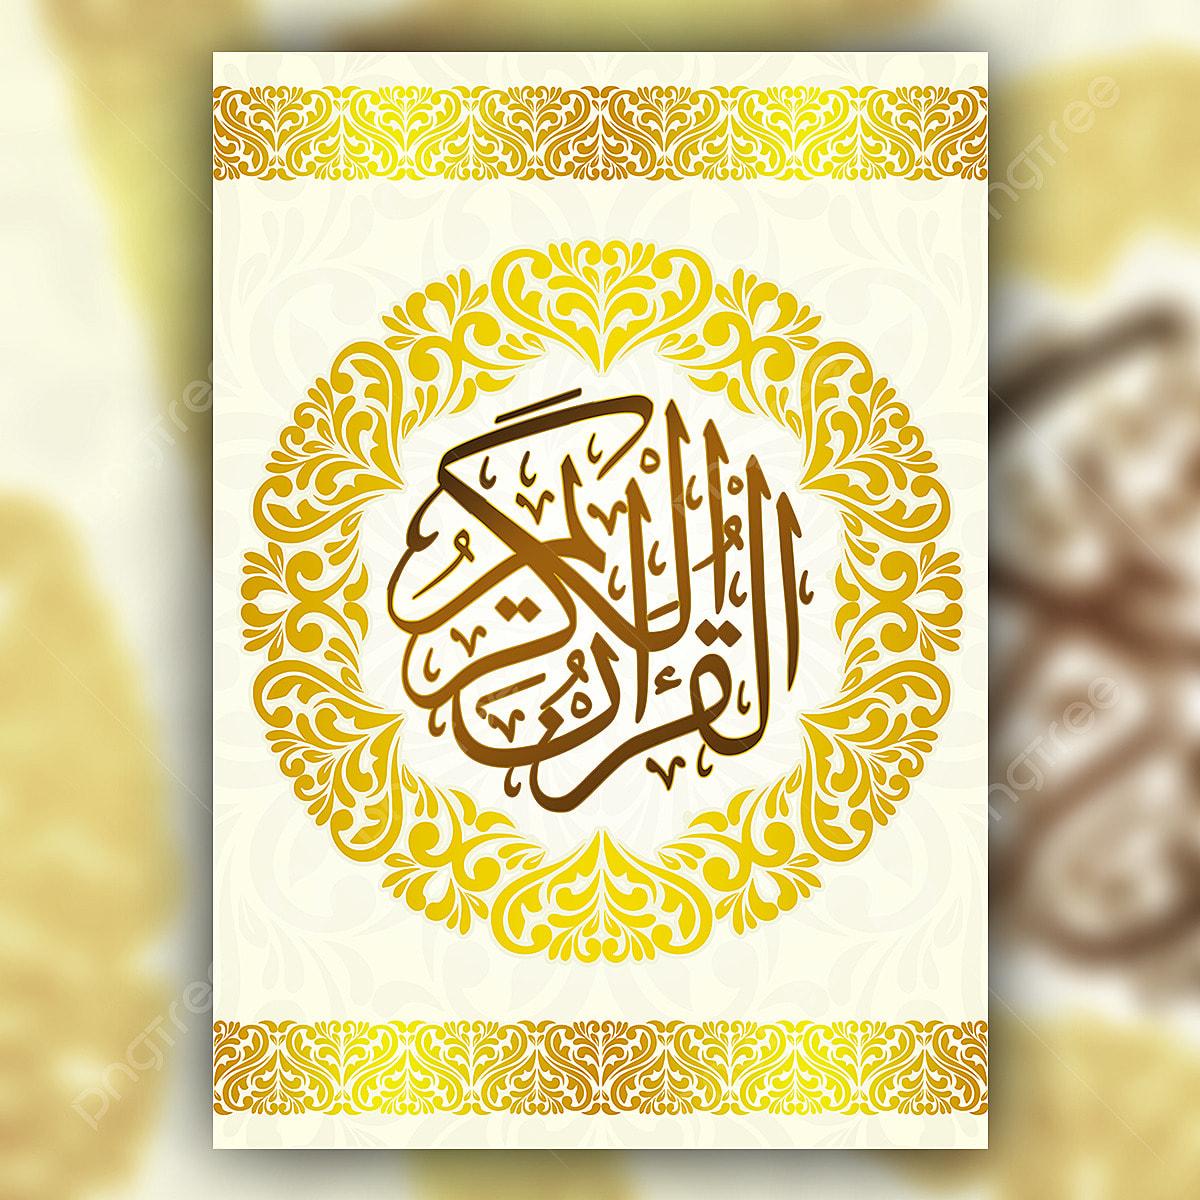 غلاف مصحف ذهبي فن القرآن الأزهار المزخرفة حلية ذهبية Png وملف Psd للتحميل مجانا